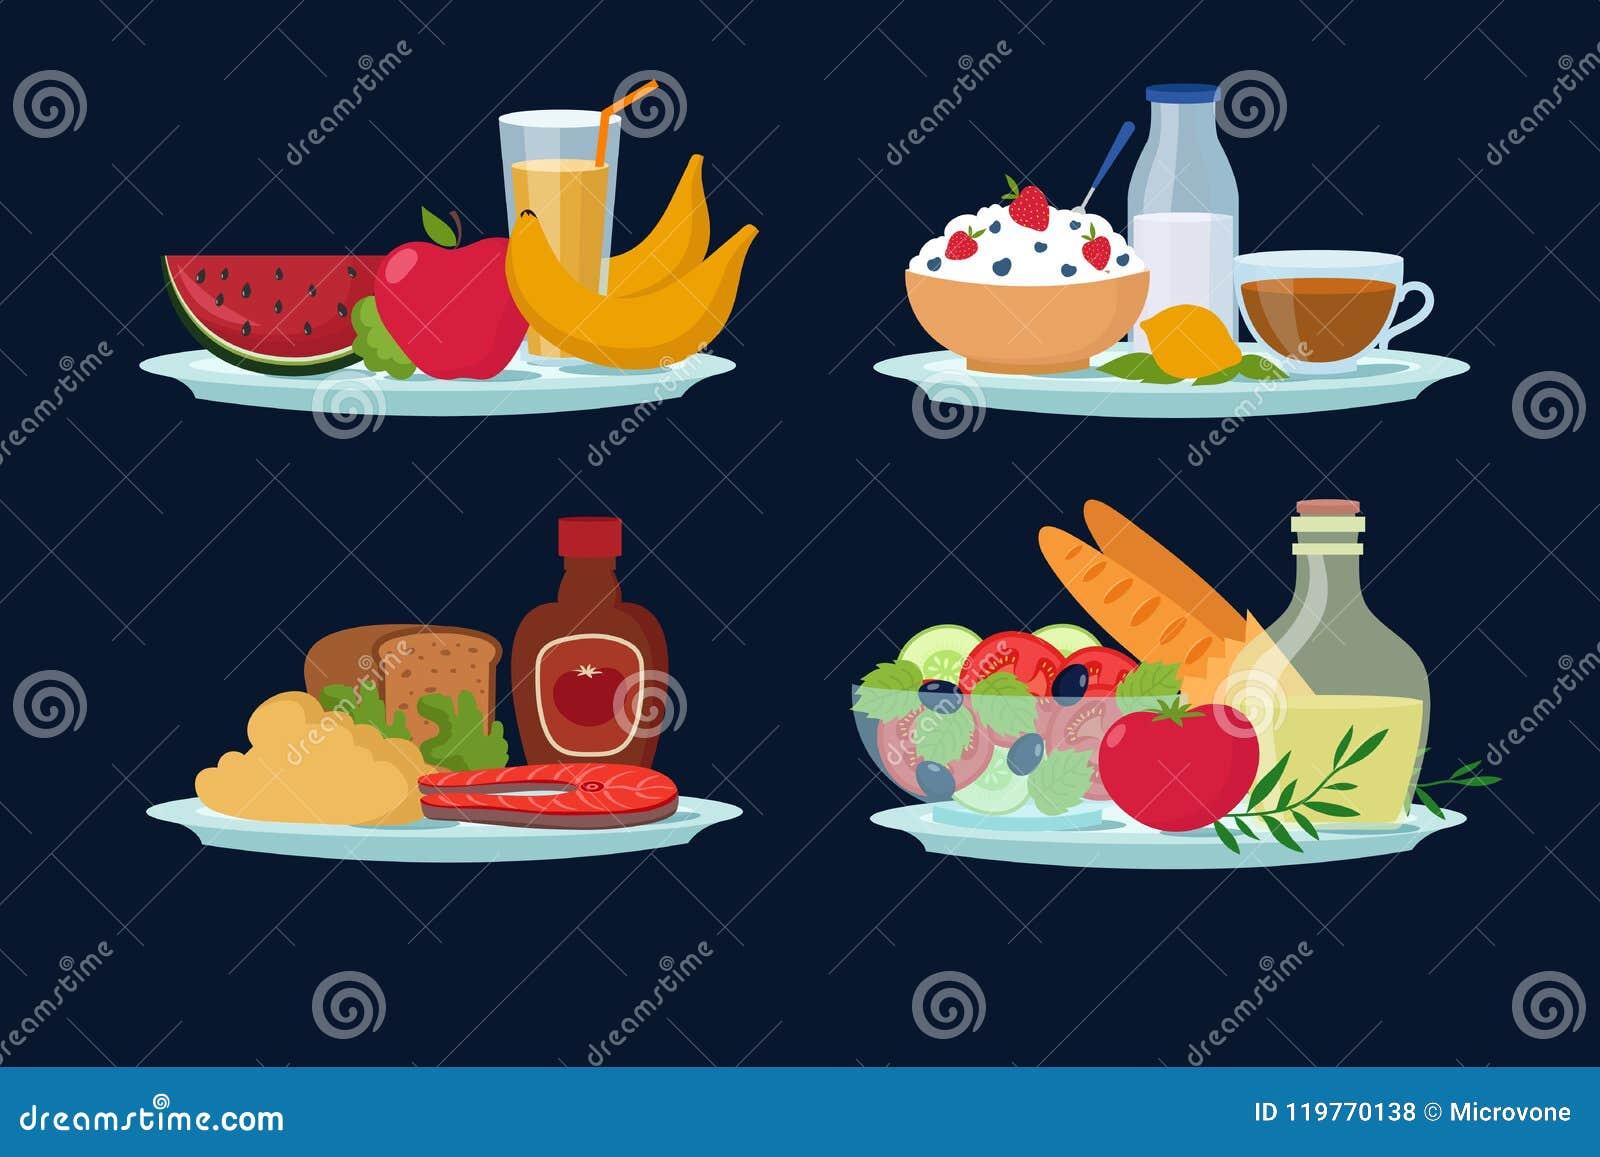 Refeições diárias da dieta, alimento saudável para o café da manhã, almoço, ícones do vetor dos desenhos animados do jantar